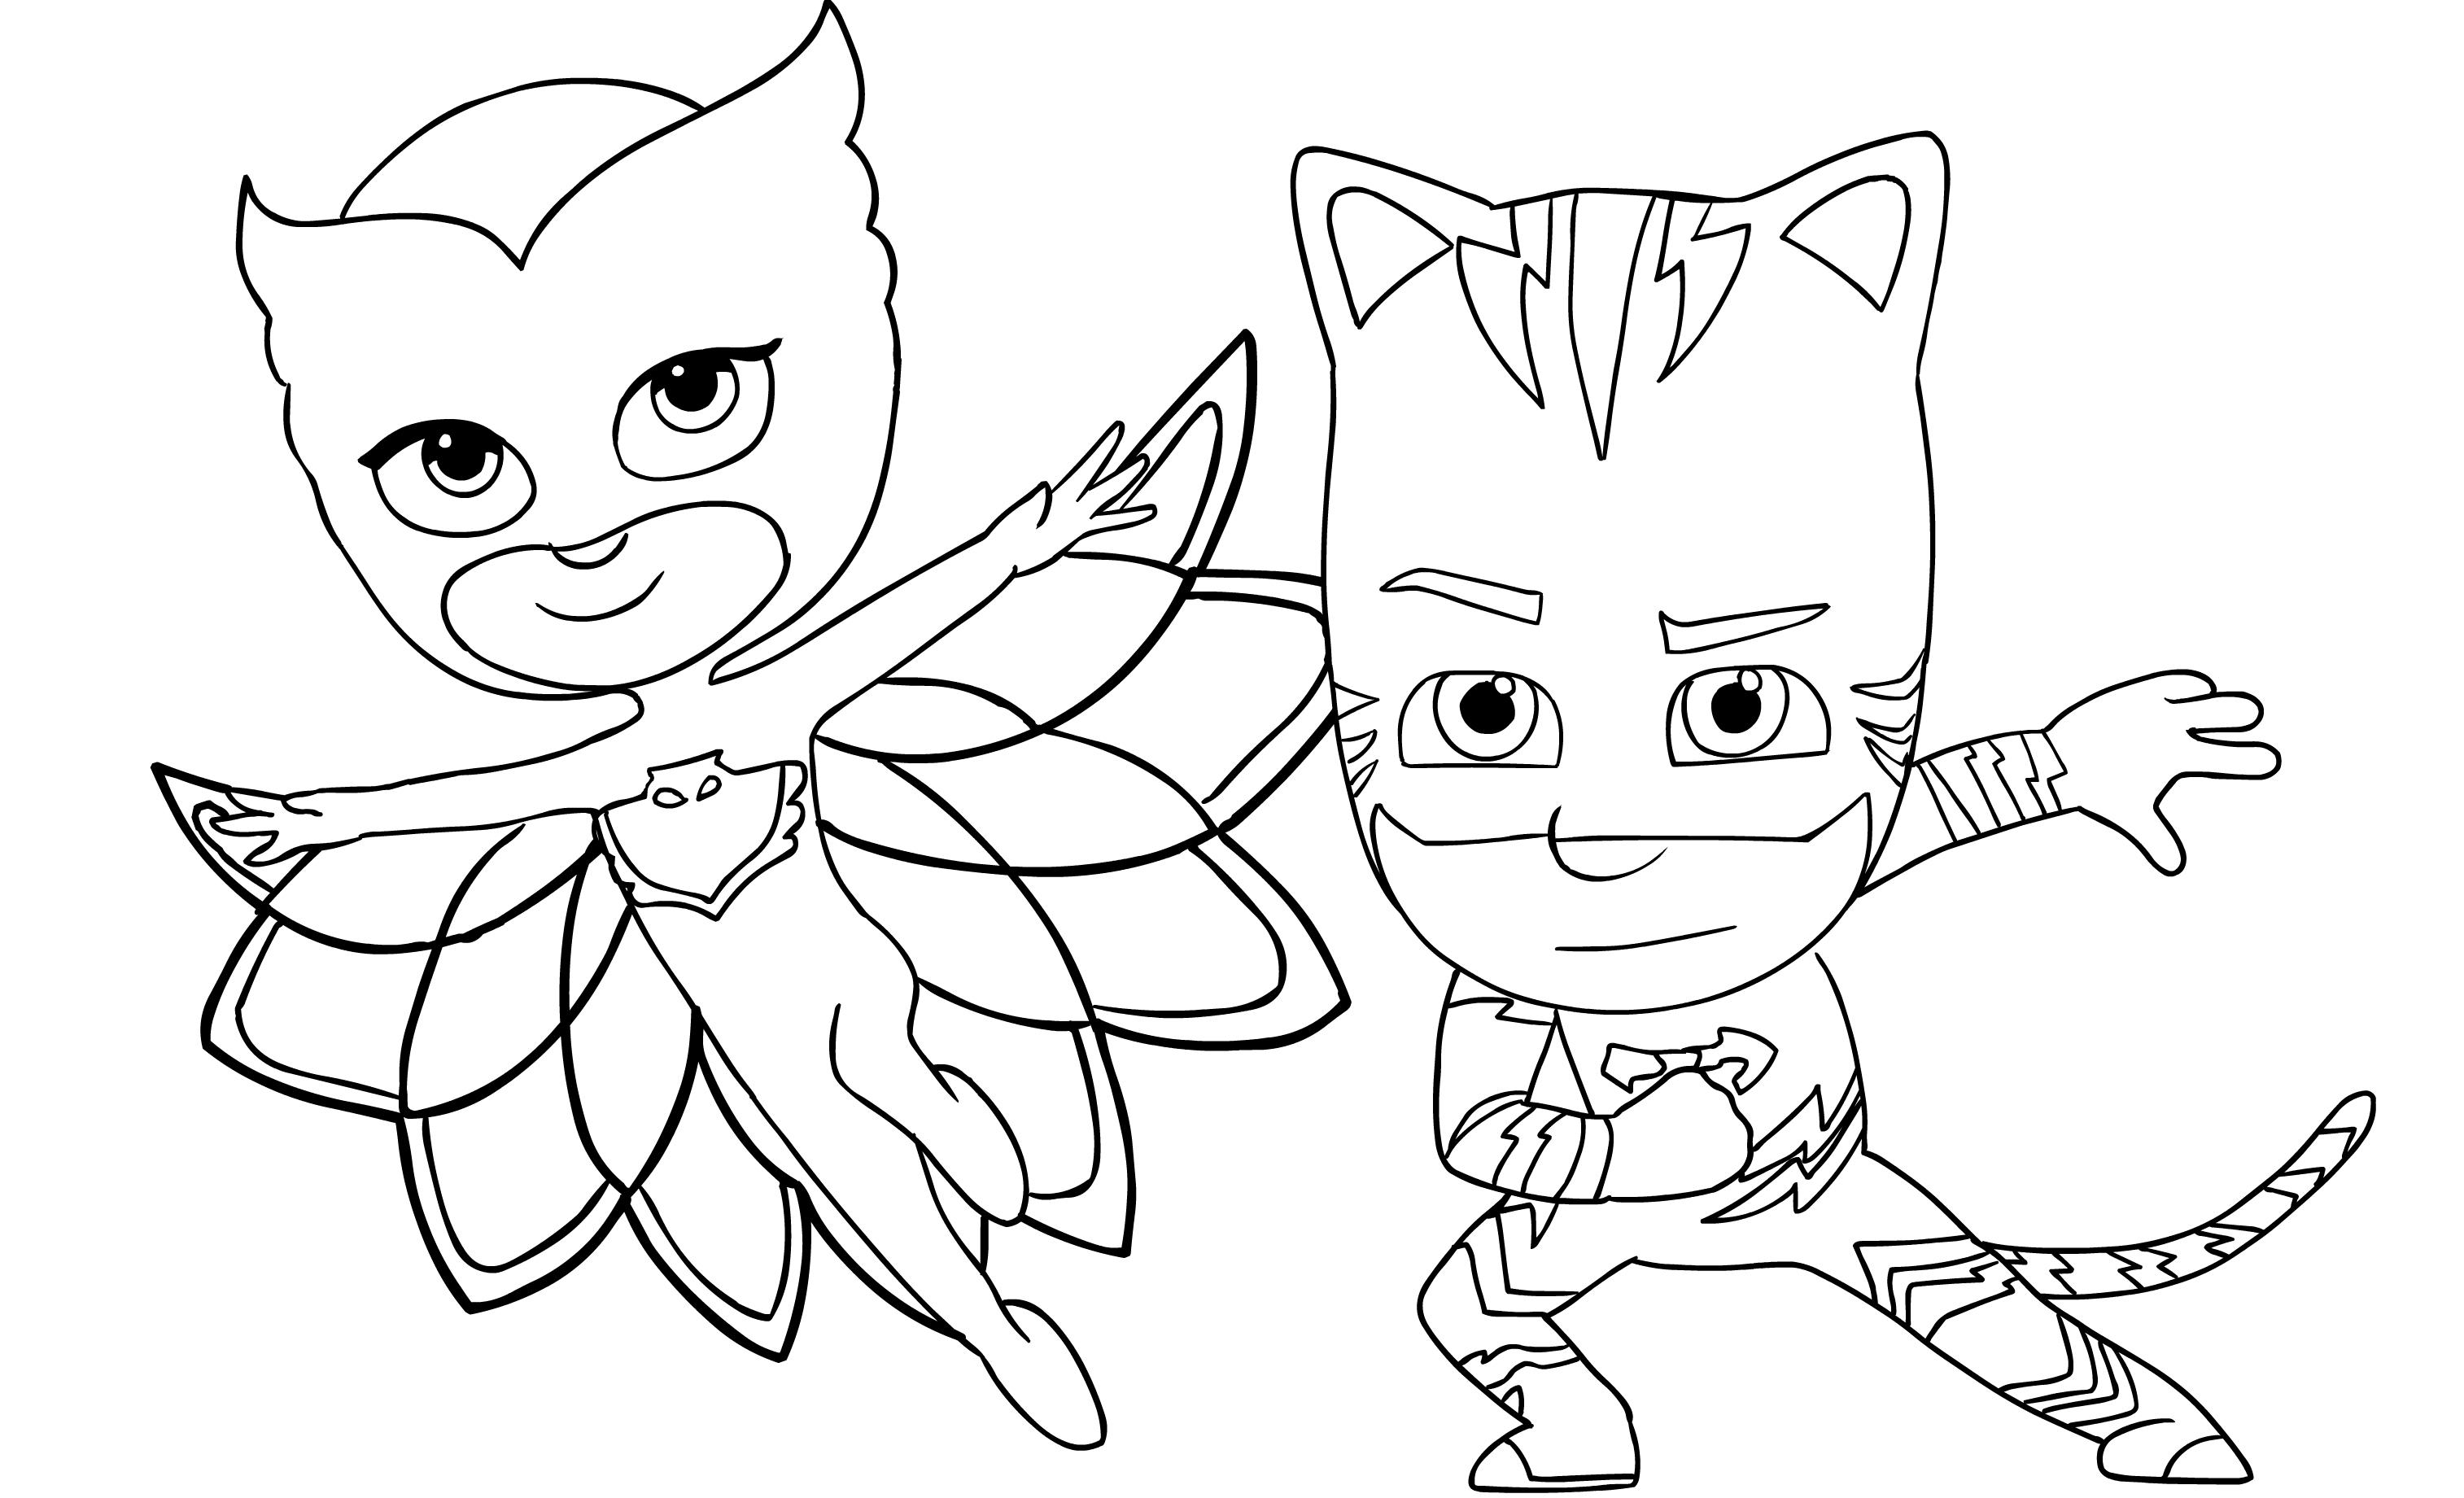 Pj Masks Coloring Page Drawing 6